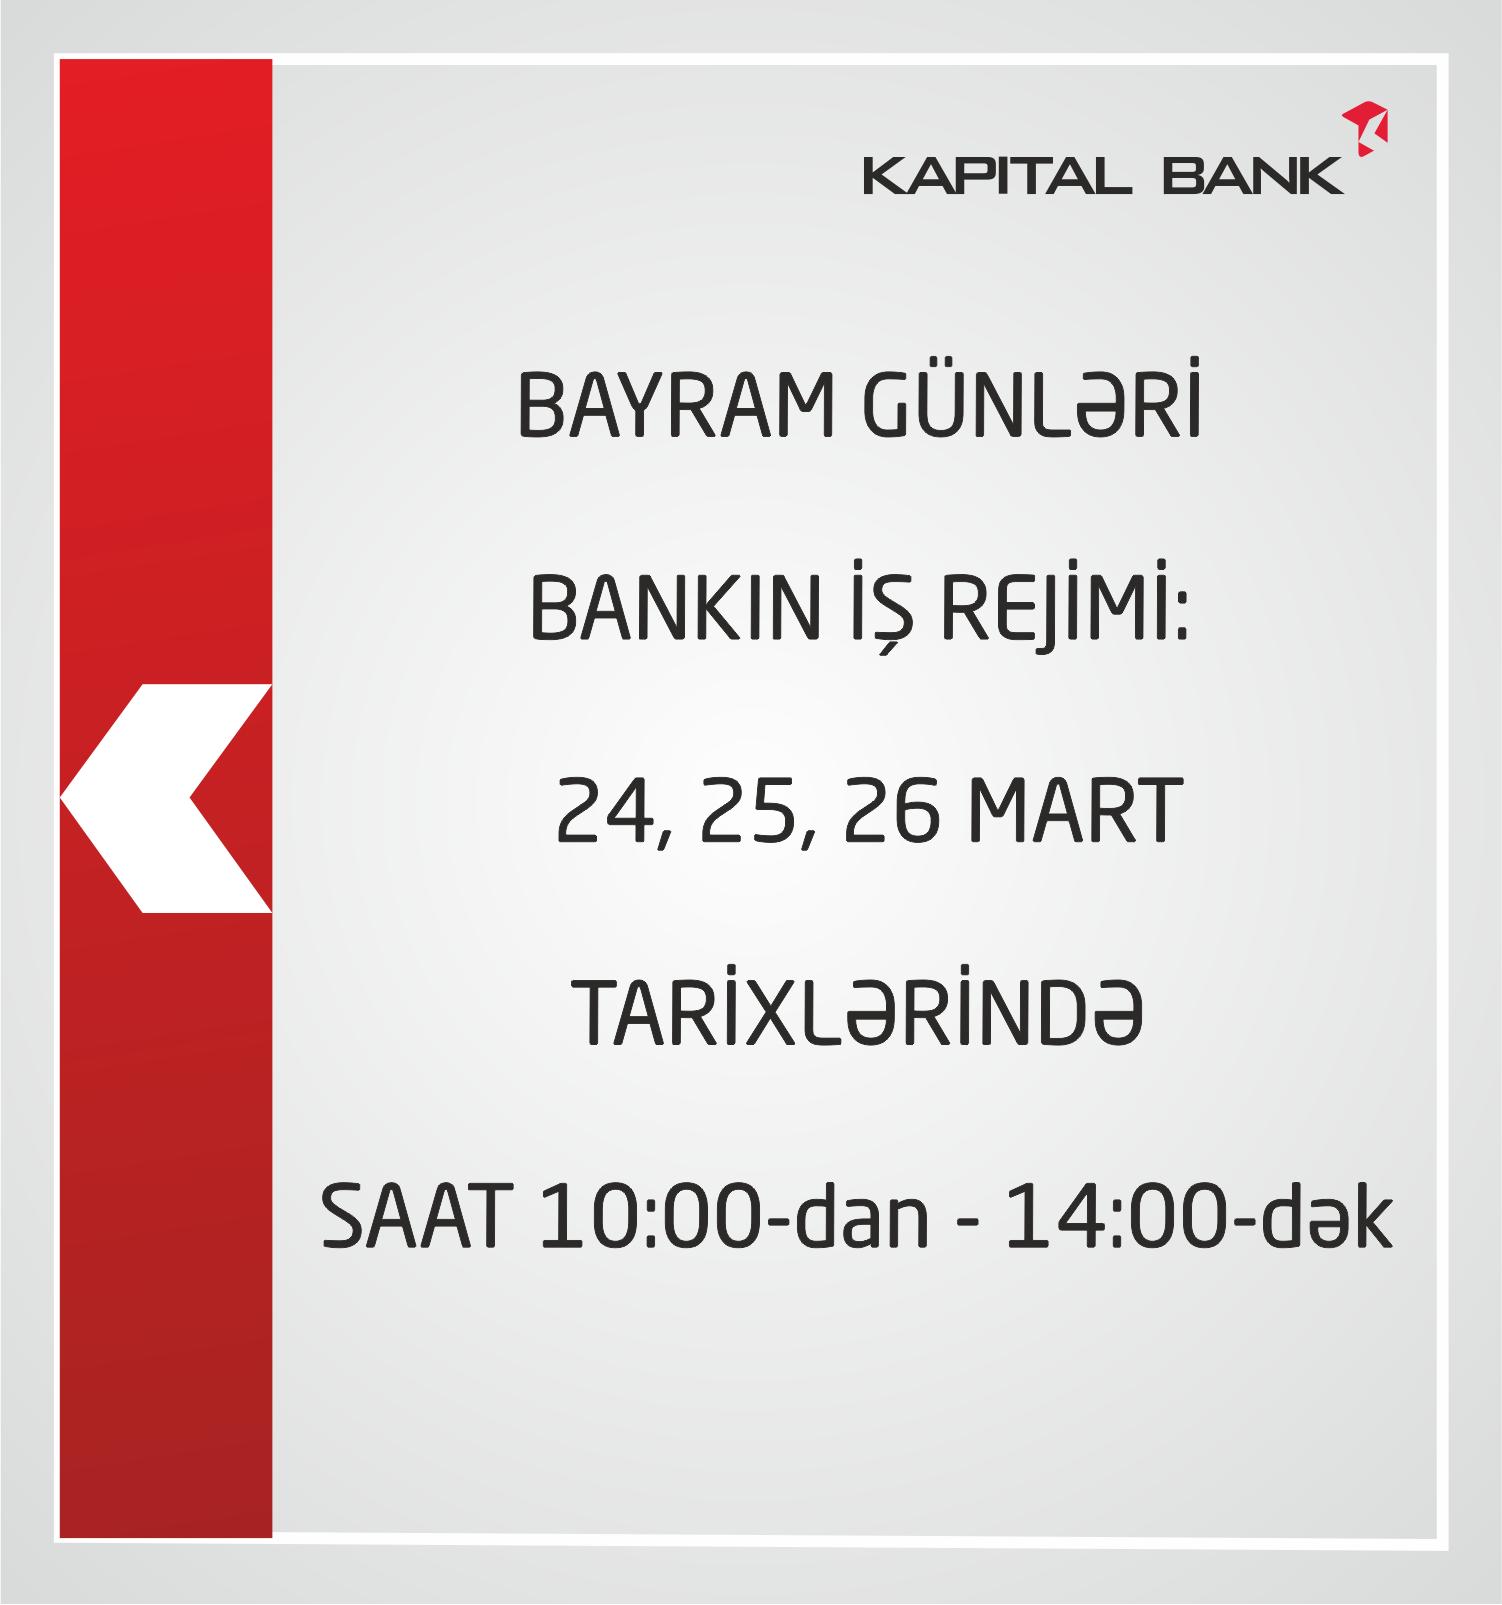 Kapital Bankın bəzi filialları bayram günlərində də müştərilərə xidmət edəcək